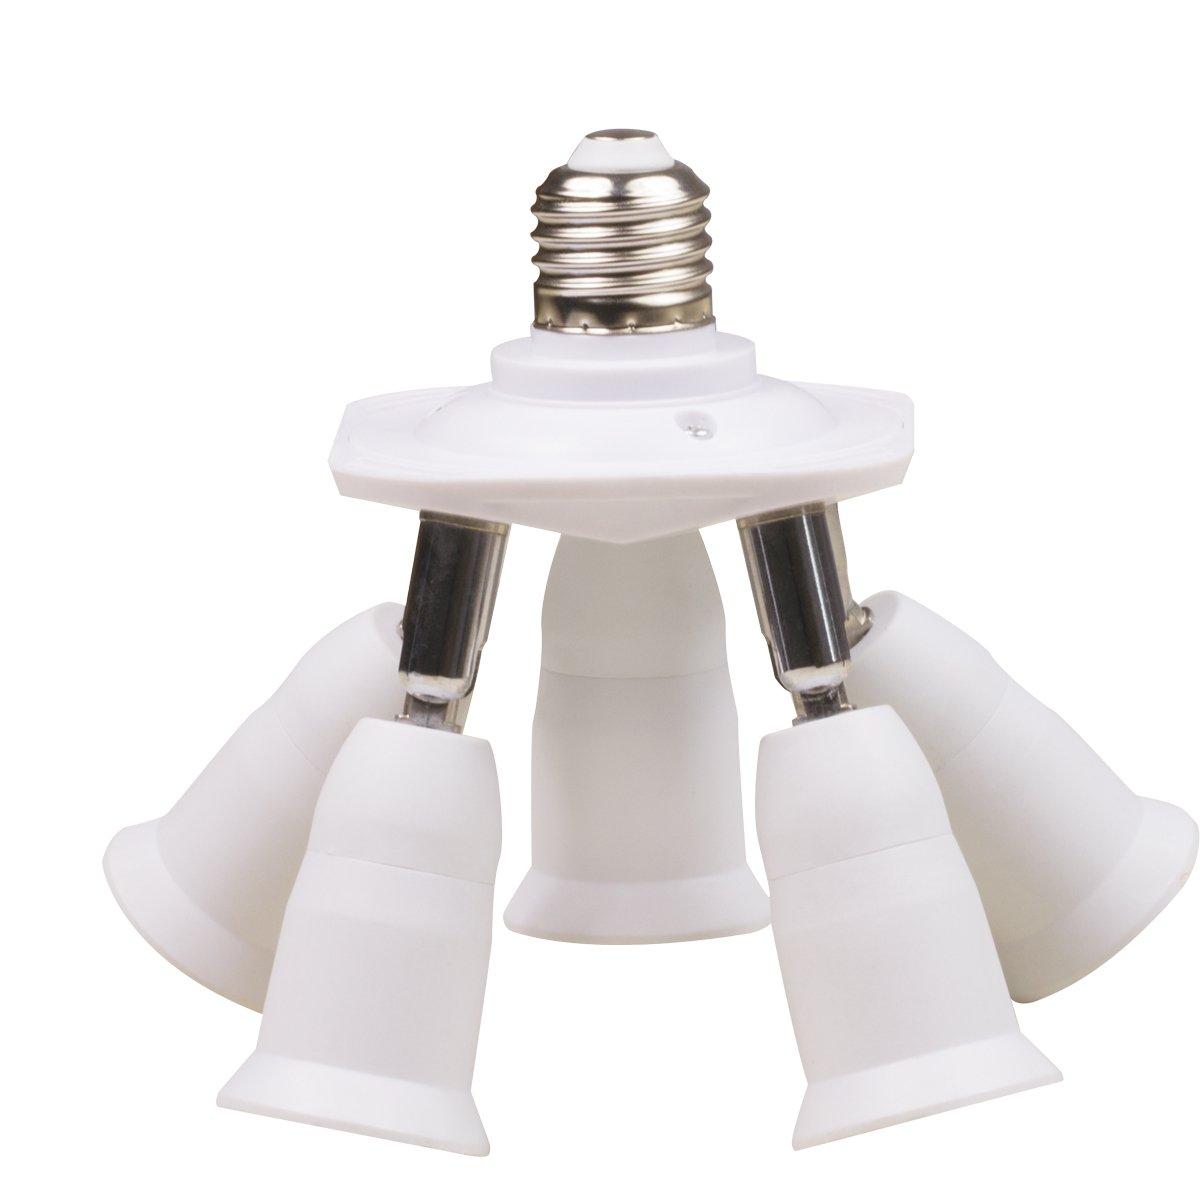 8T8 5 in 1 Lamp Socket Adapter Splitter, LED Bulb Holder Chandelier Converter for E26 E27 Standard Light 360 Degree Adjustable (Manual_5) by 8T8